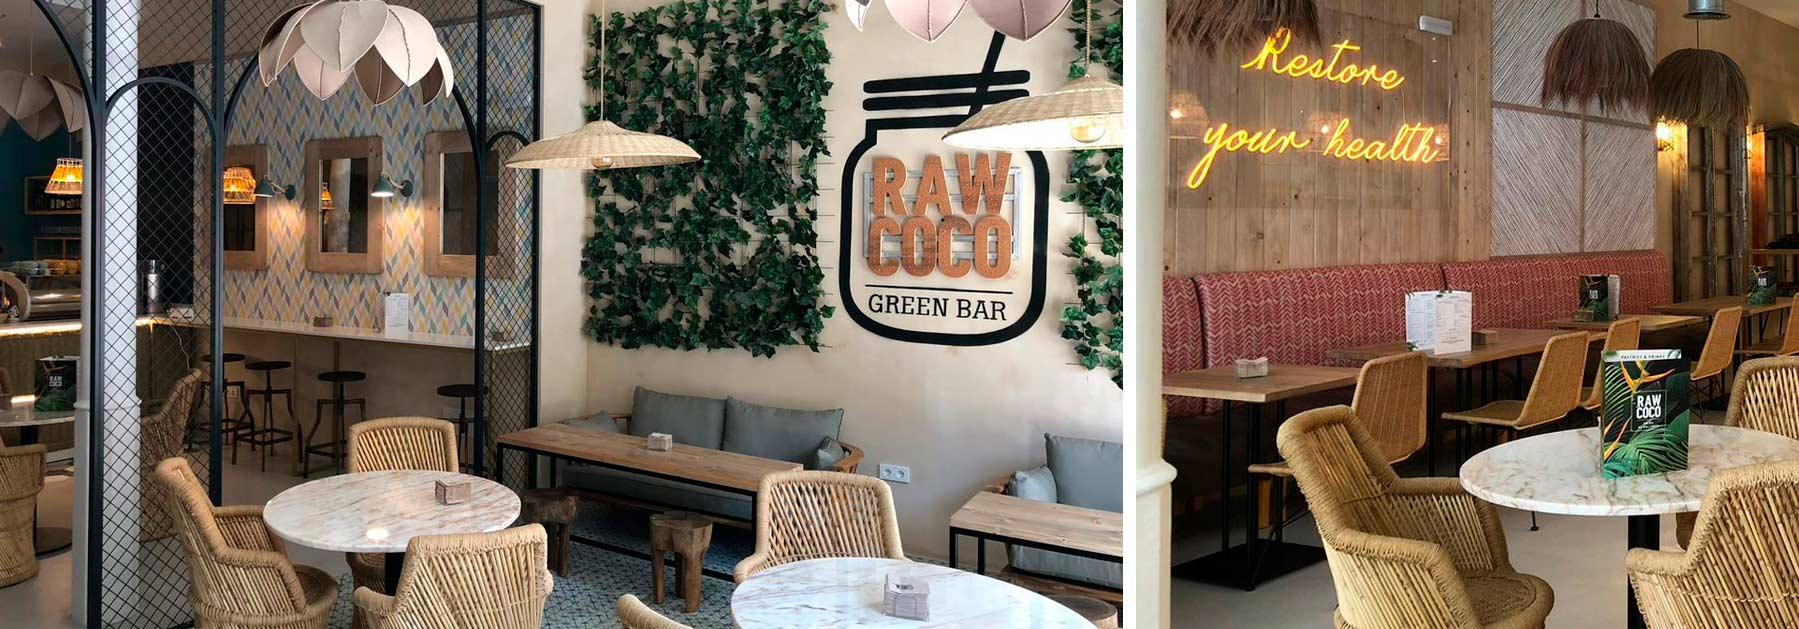 Mobiliario y decoración exótica para restaurantes.